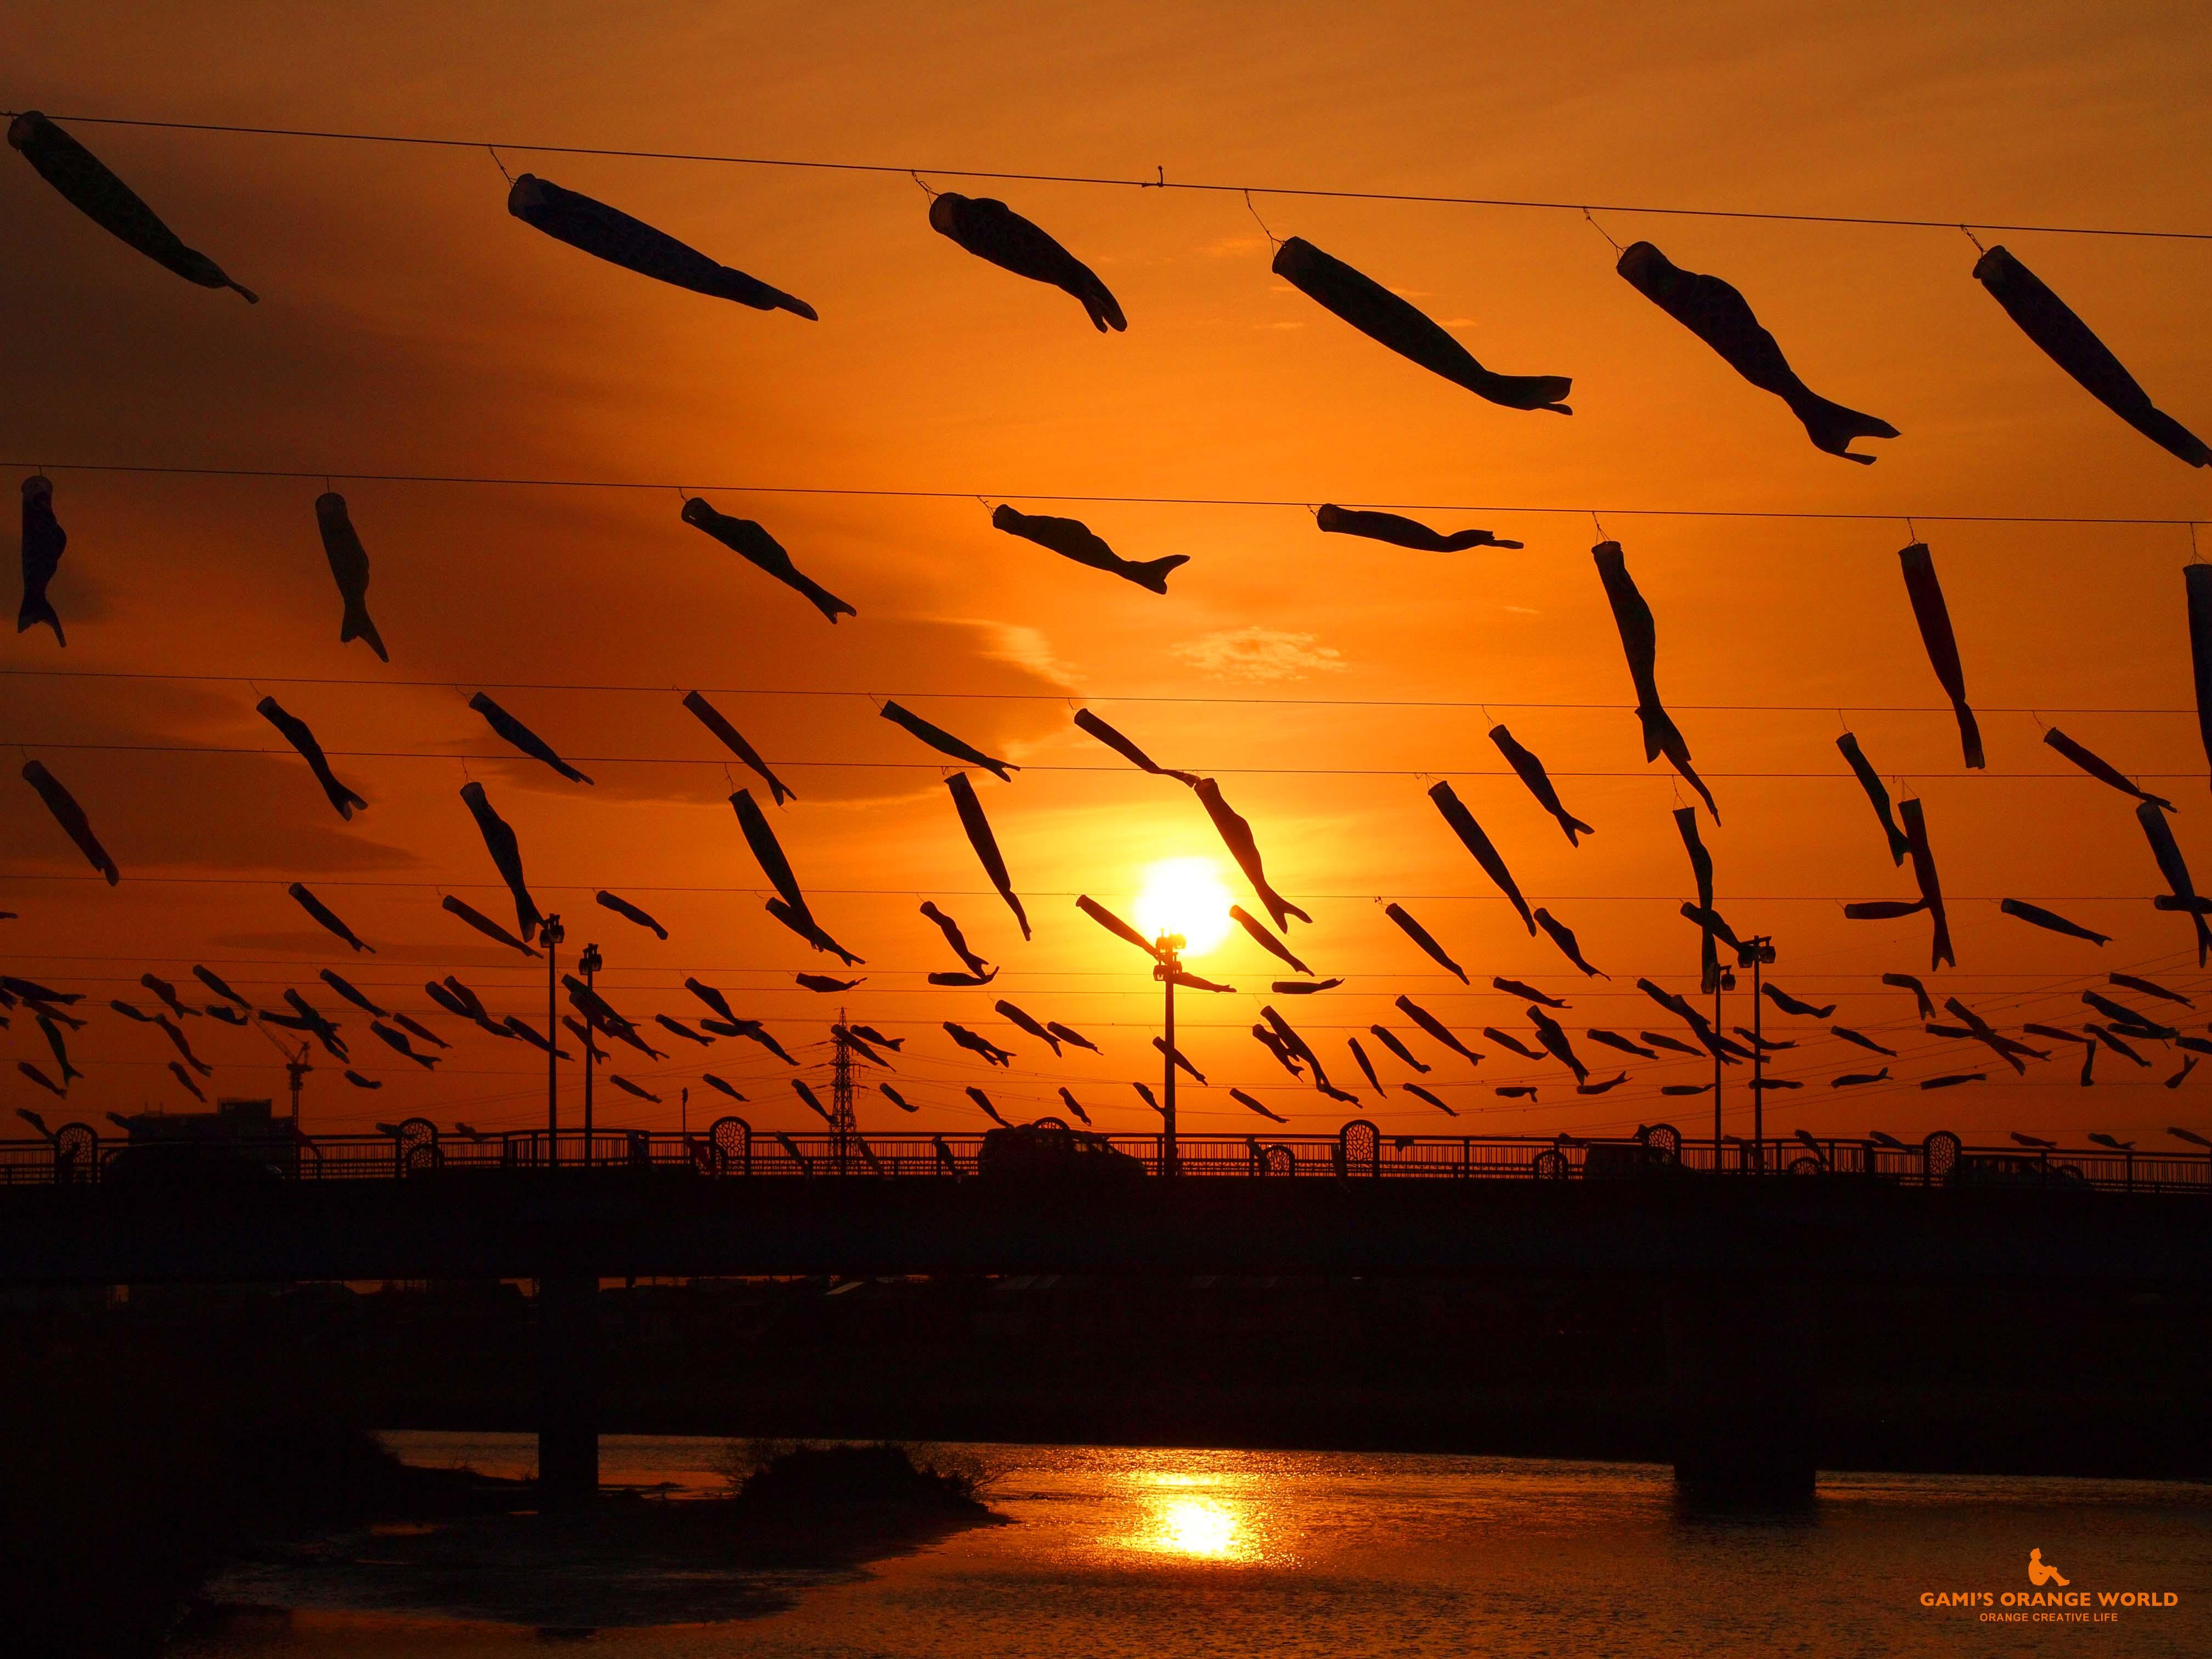 0586夕焼けを泳ぐ鯉のぼり横 のコピー